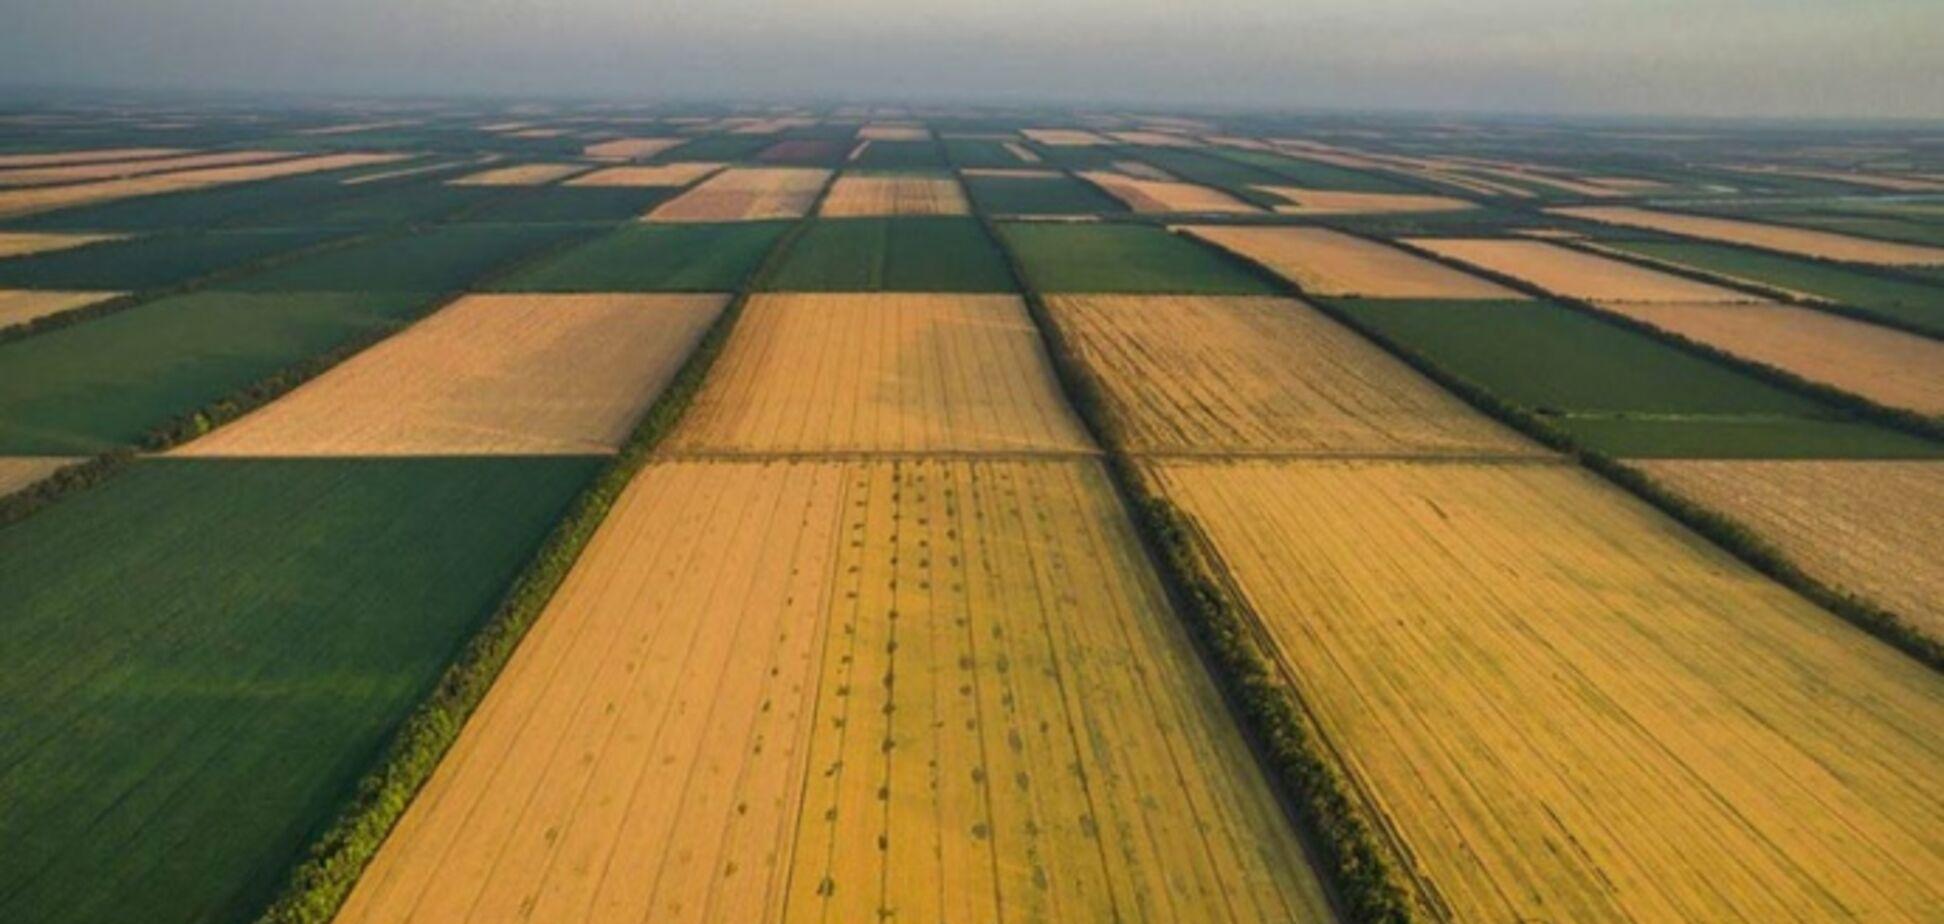 Не верьте фейкам: Порошенко объяснил, почему рынок земли не означает 'тотальную распродажу'